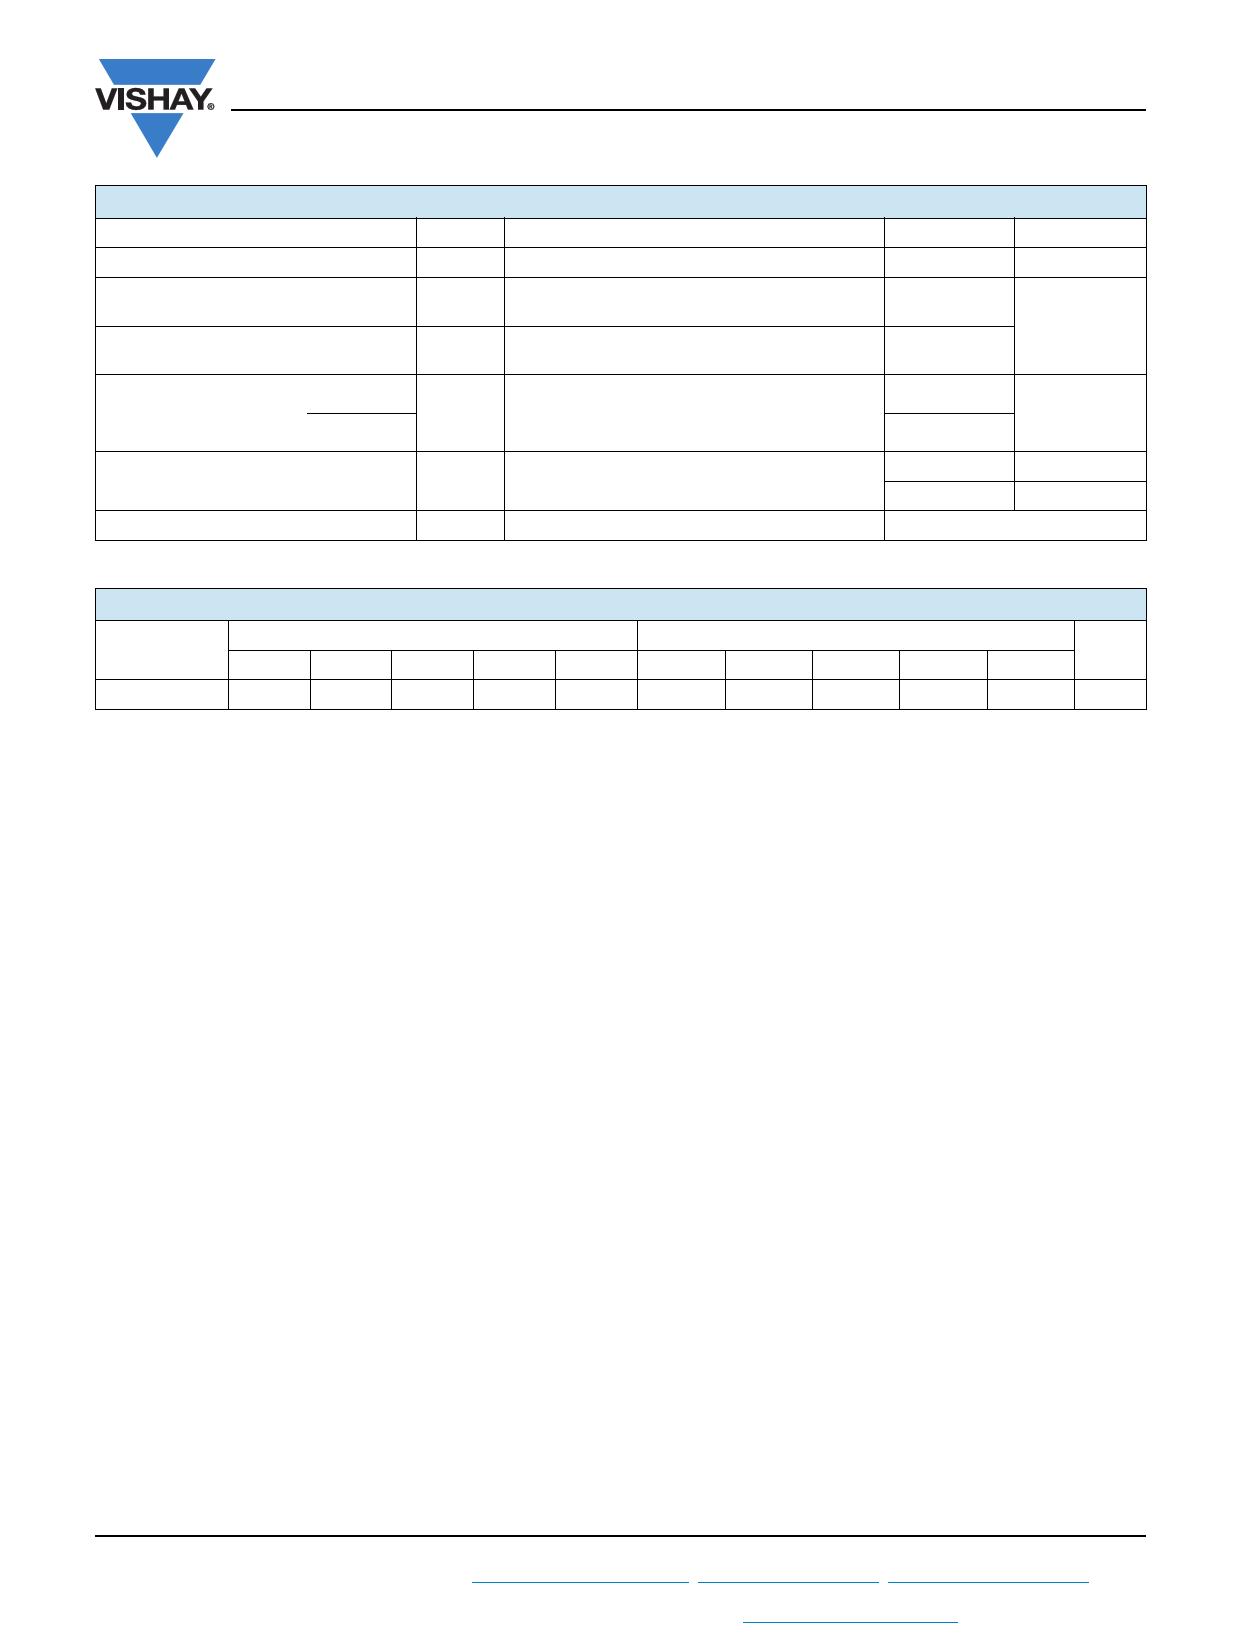 VSKC91-16P pdf, ピン配列